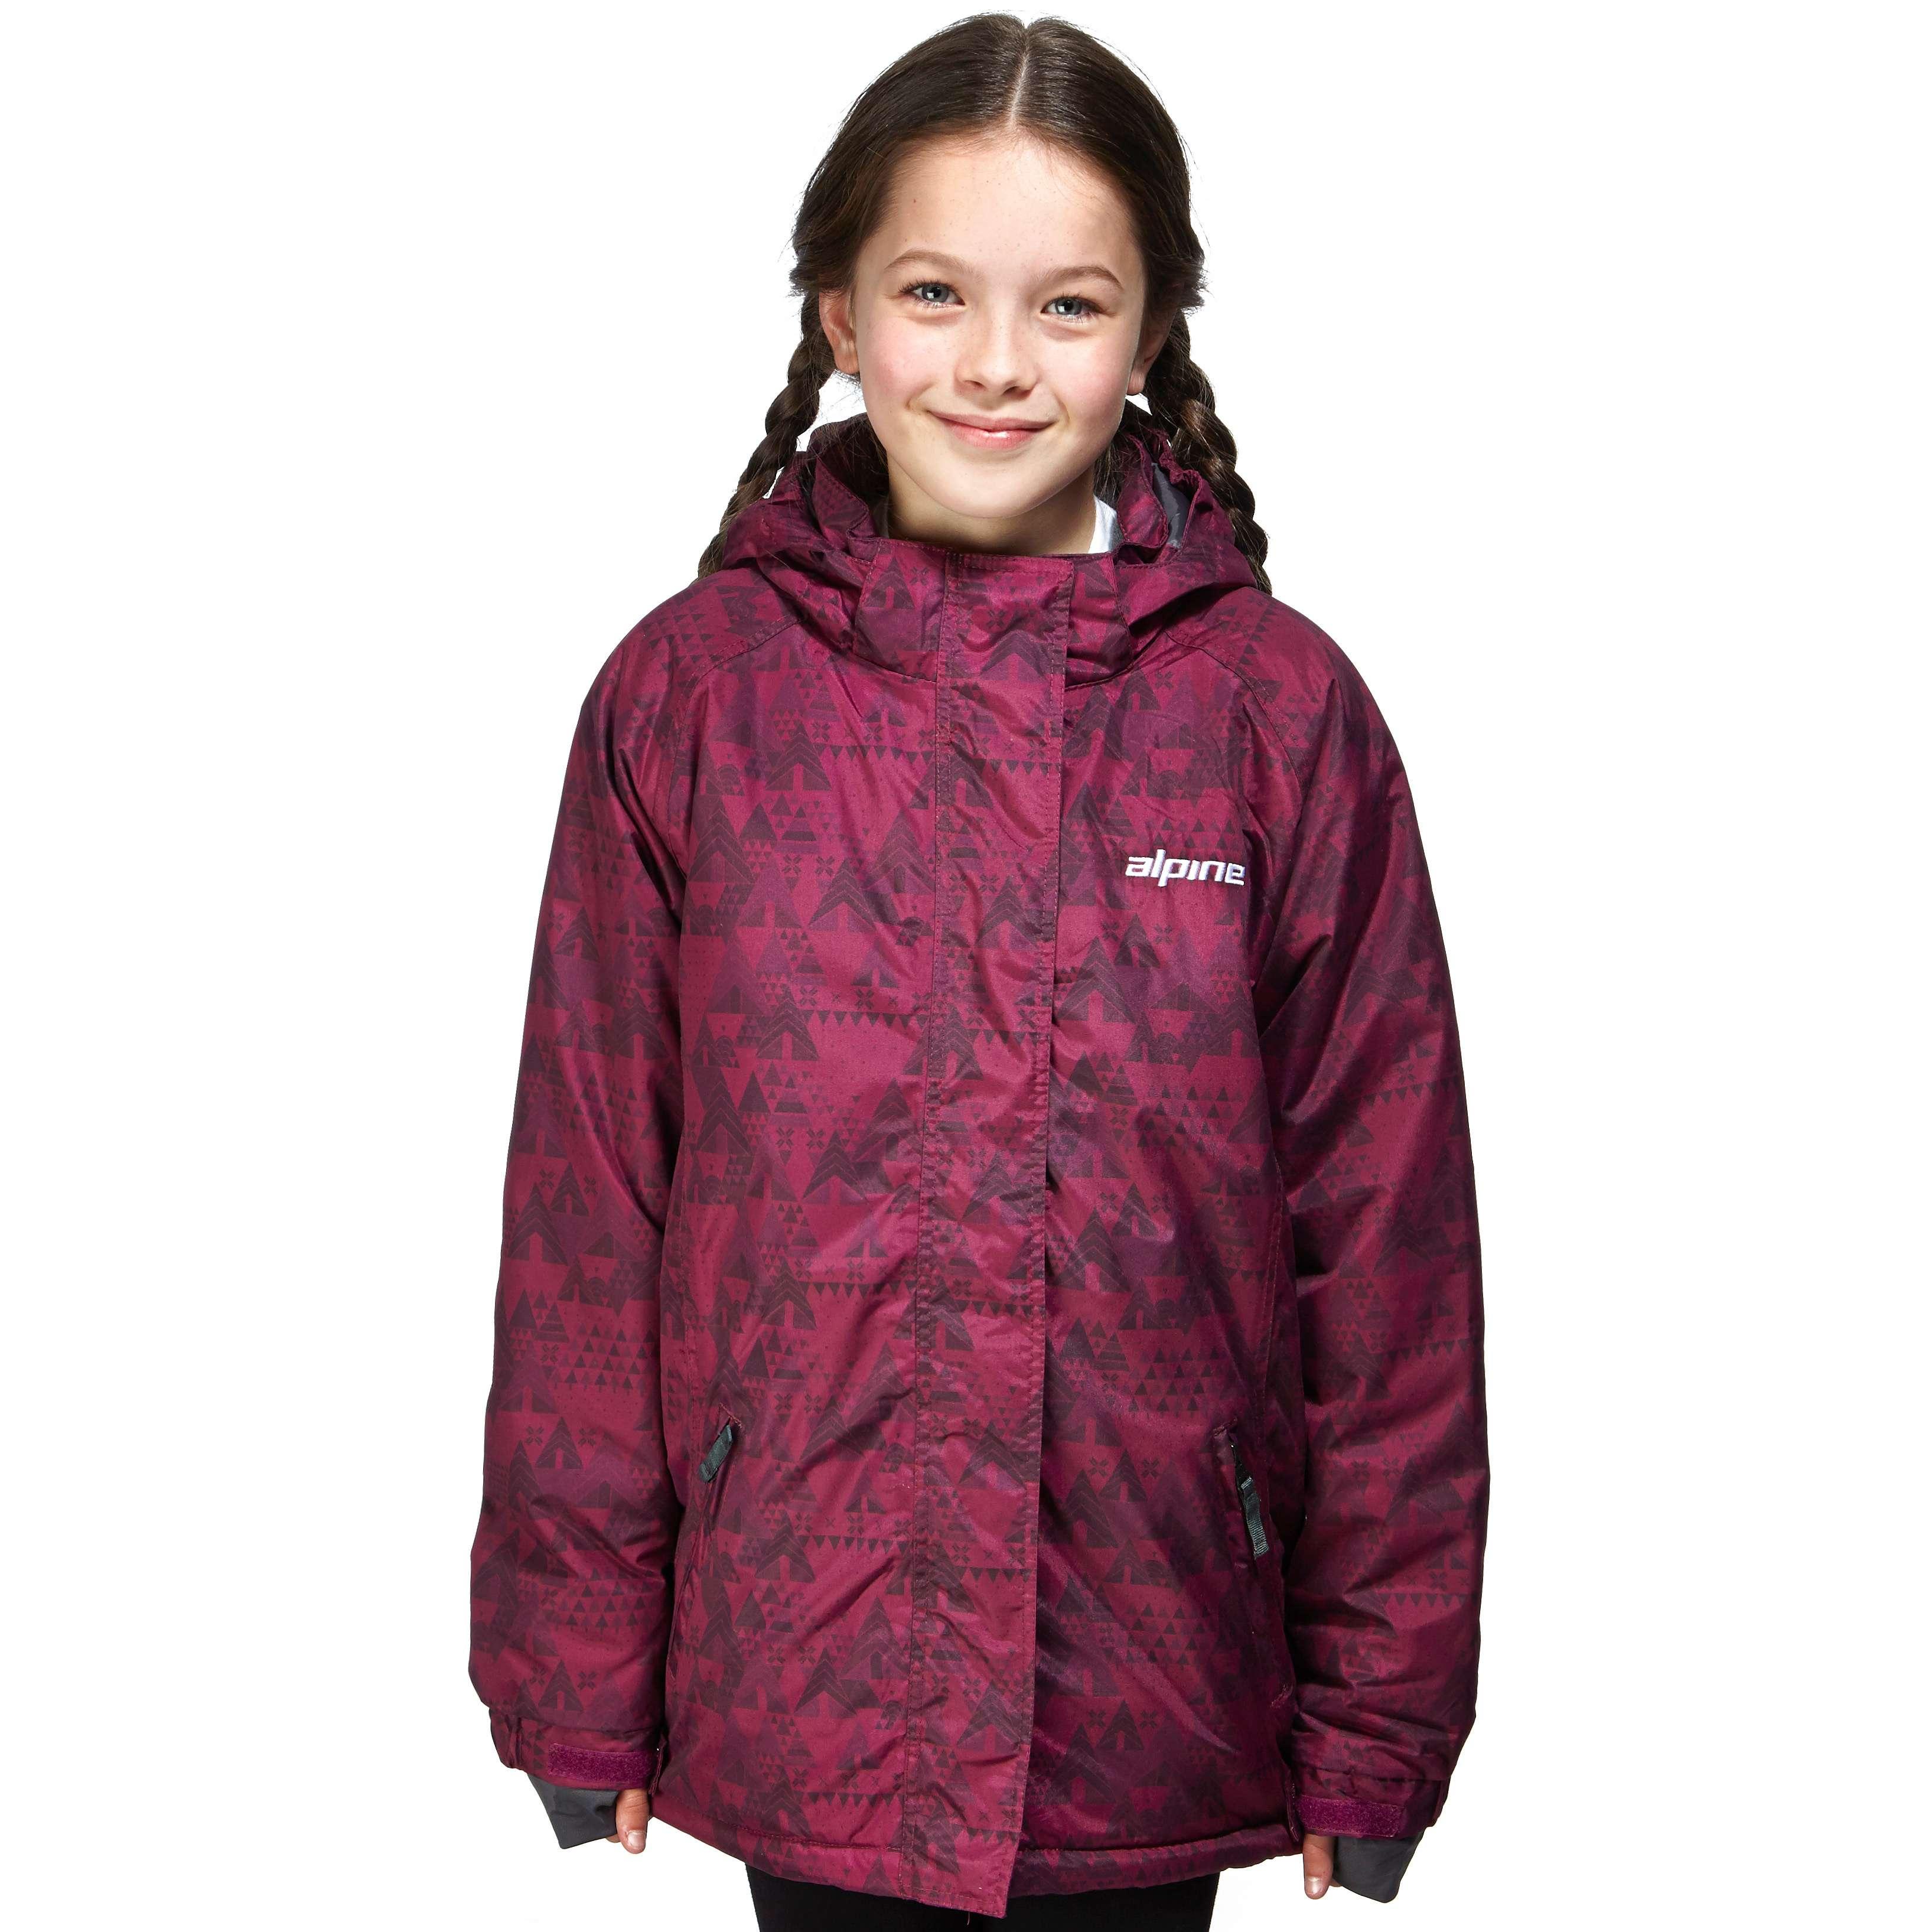 ALPINE Girls' Paradise Ski Jacket